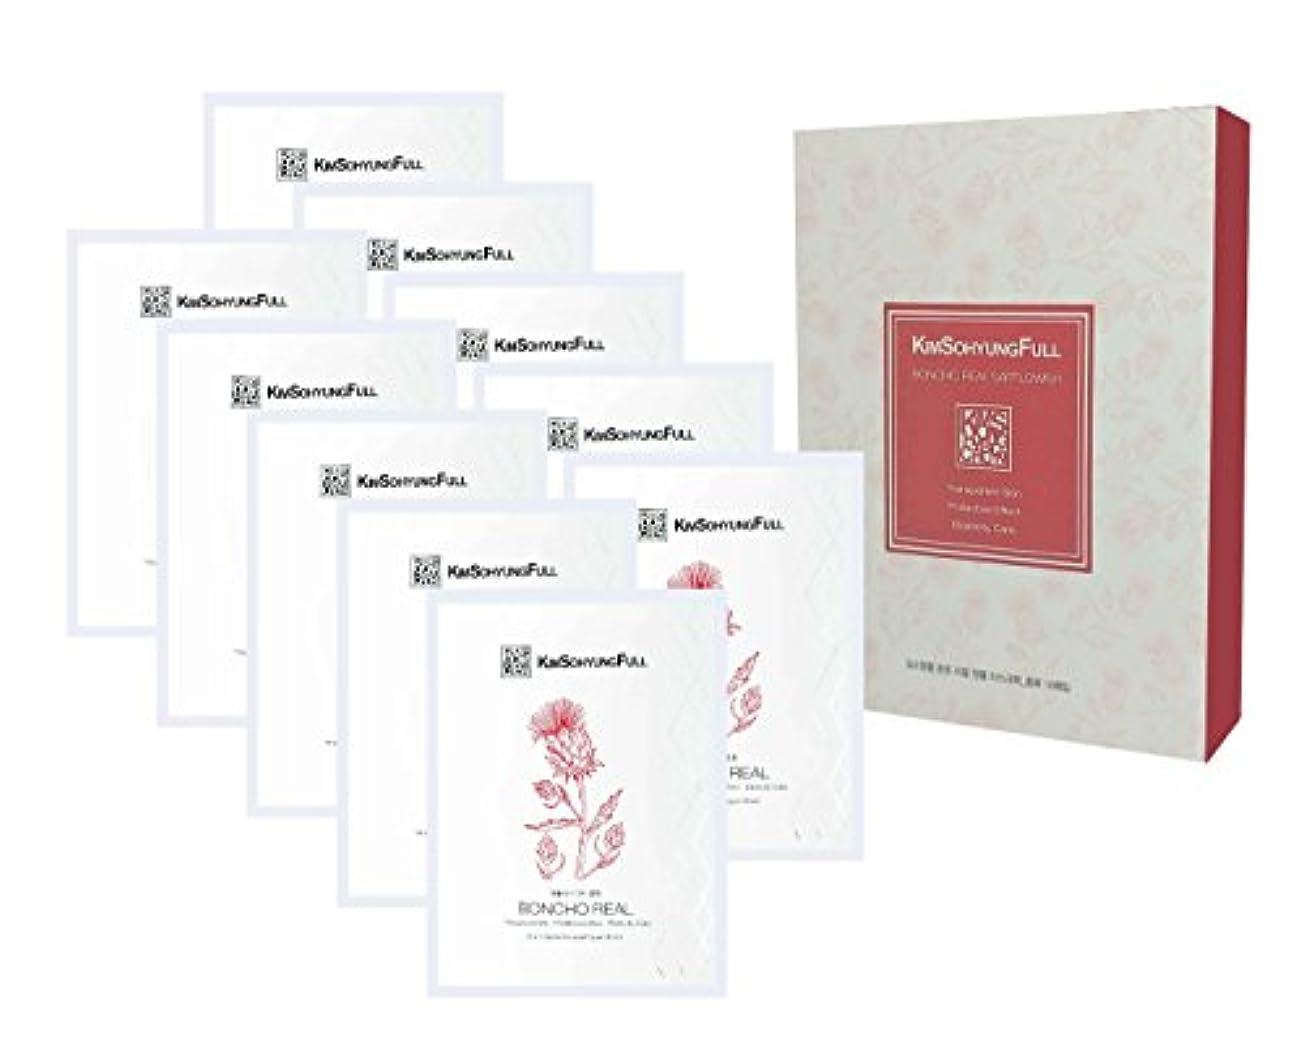 国籍キラウエア山付き添い人[ギムソヒョンフル] 本草 本物のべに花の花びらを使ったシートマスク10枚パック -本物のべに花の花びらを4%配合、革新的な3葬式の100%天然ボタニカルシート、23ml / 0.77液体オンス